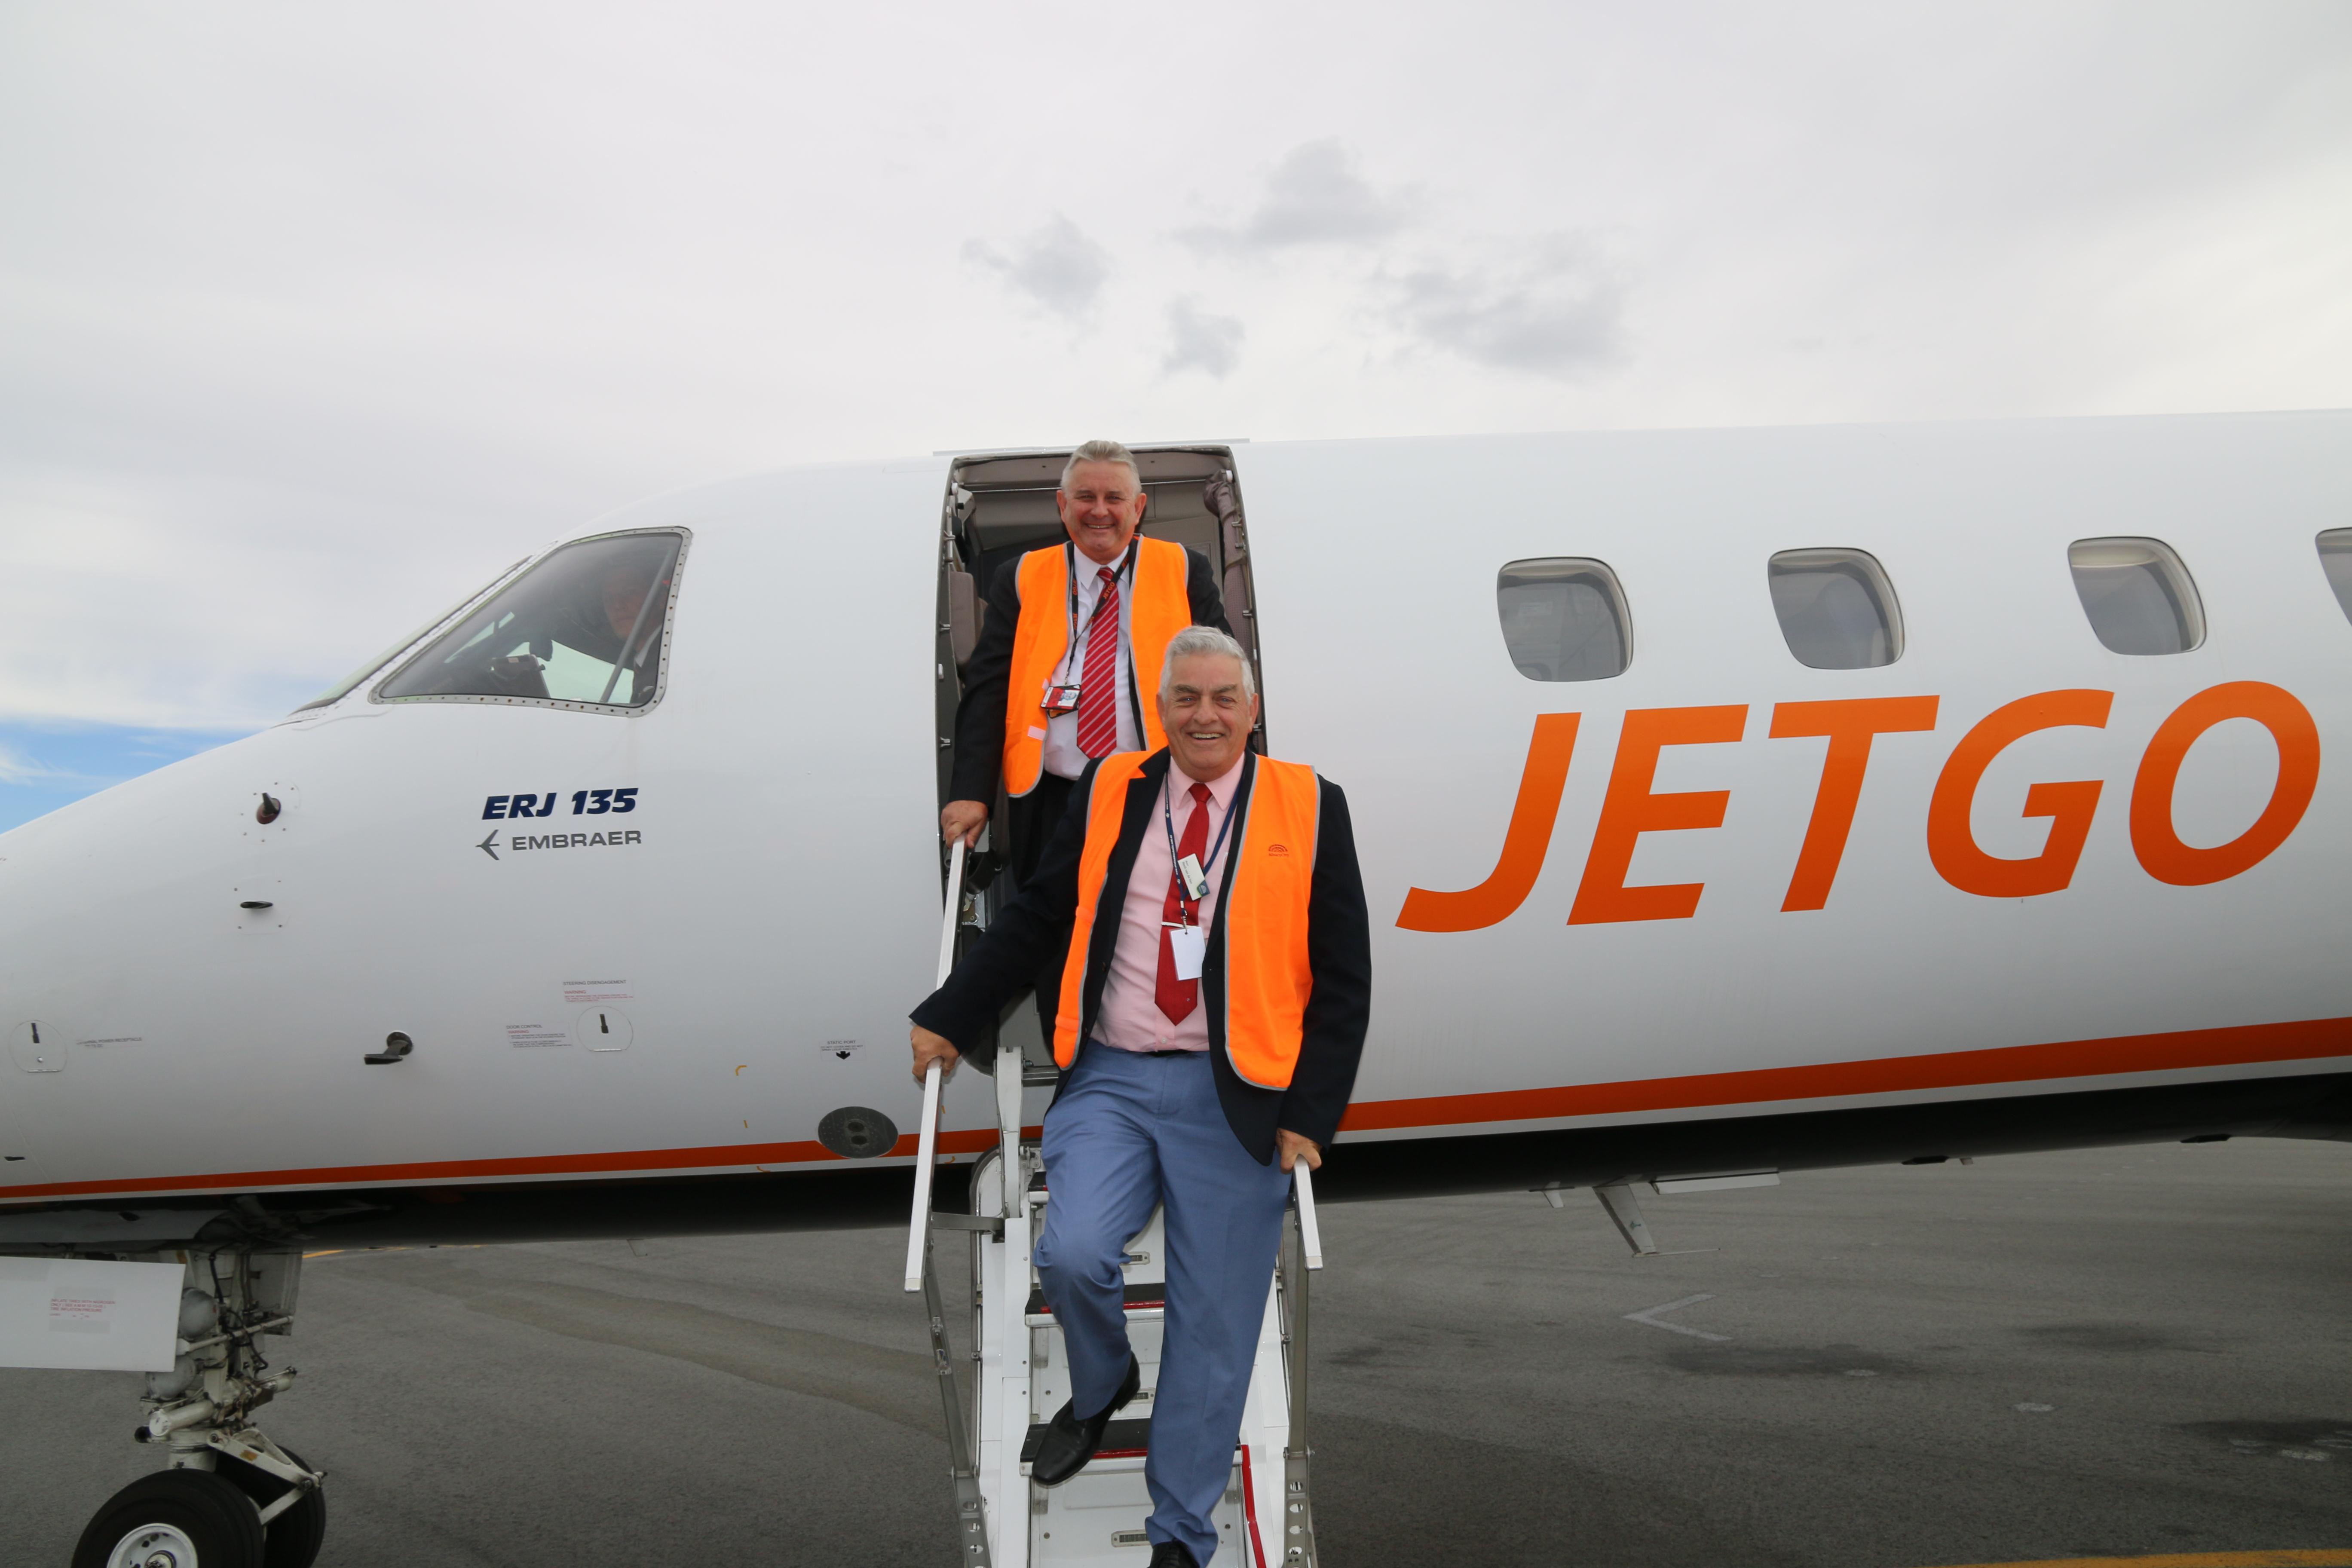 Jetgo - MD Paul Bredereck and AlburyCity Mayor Henk van de Ven